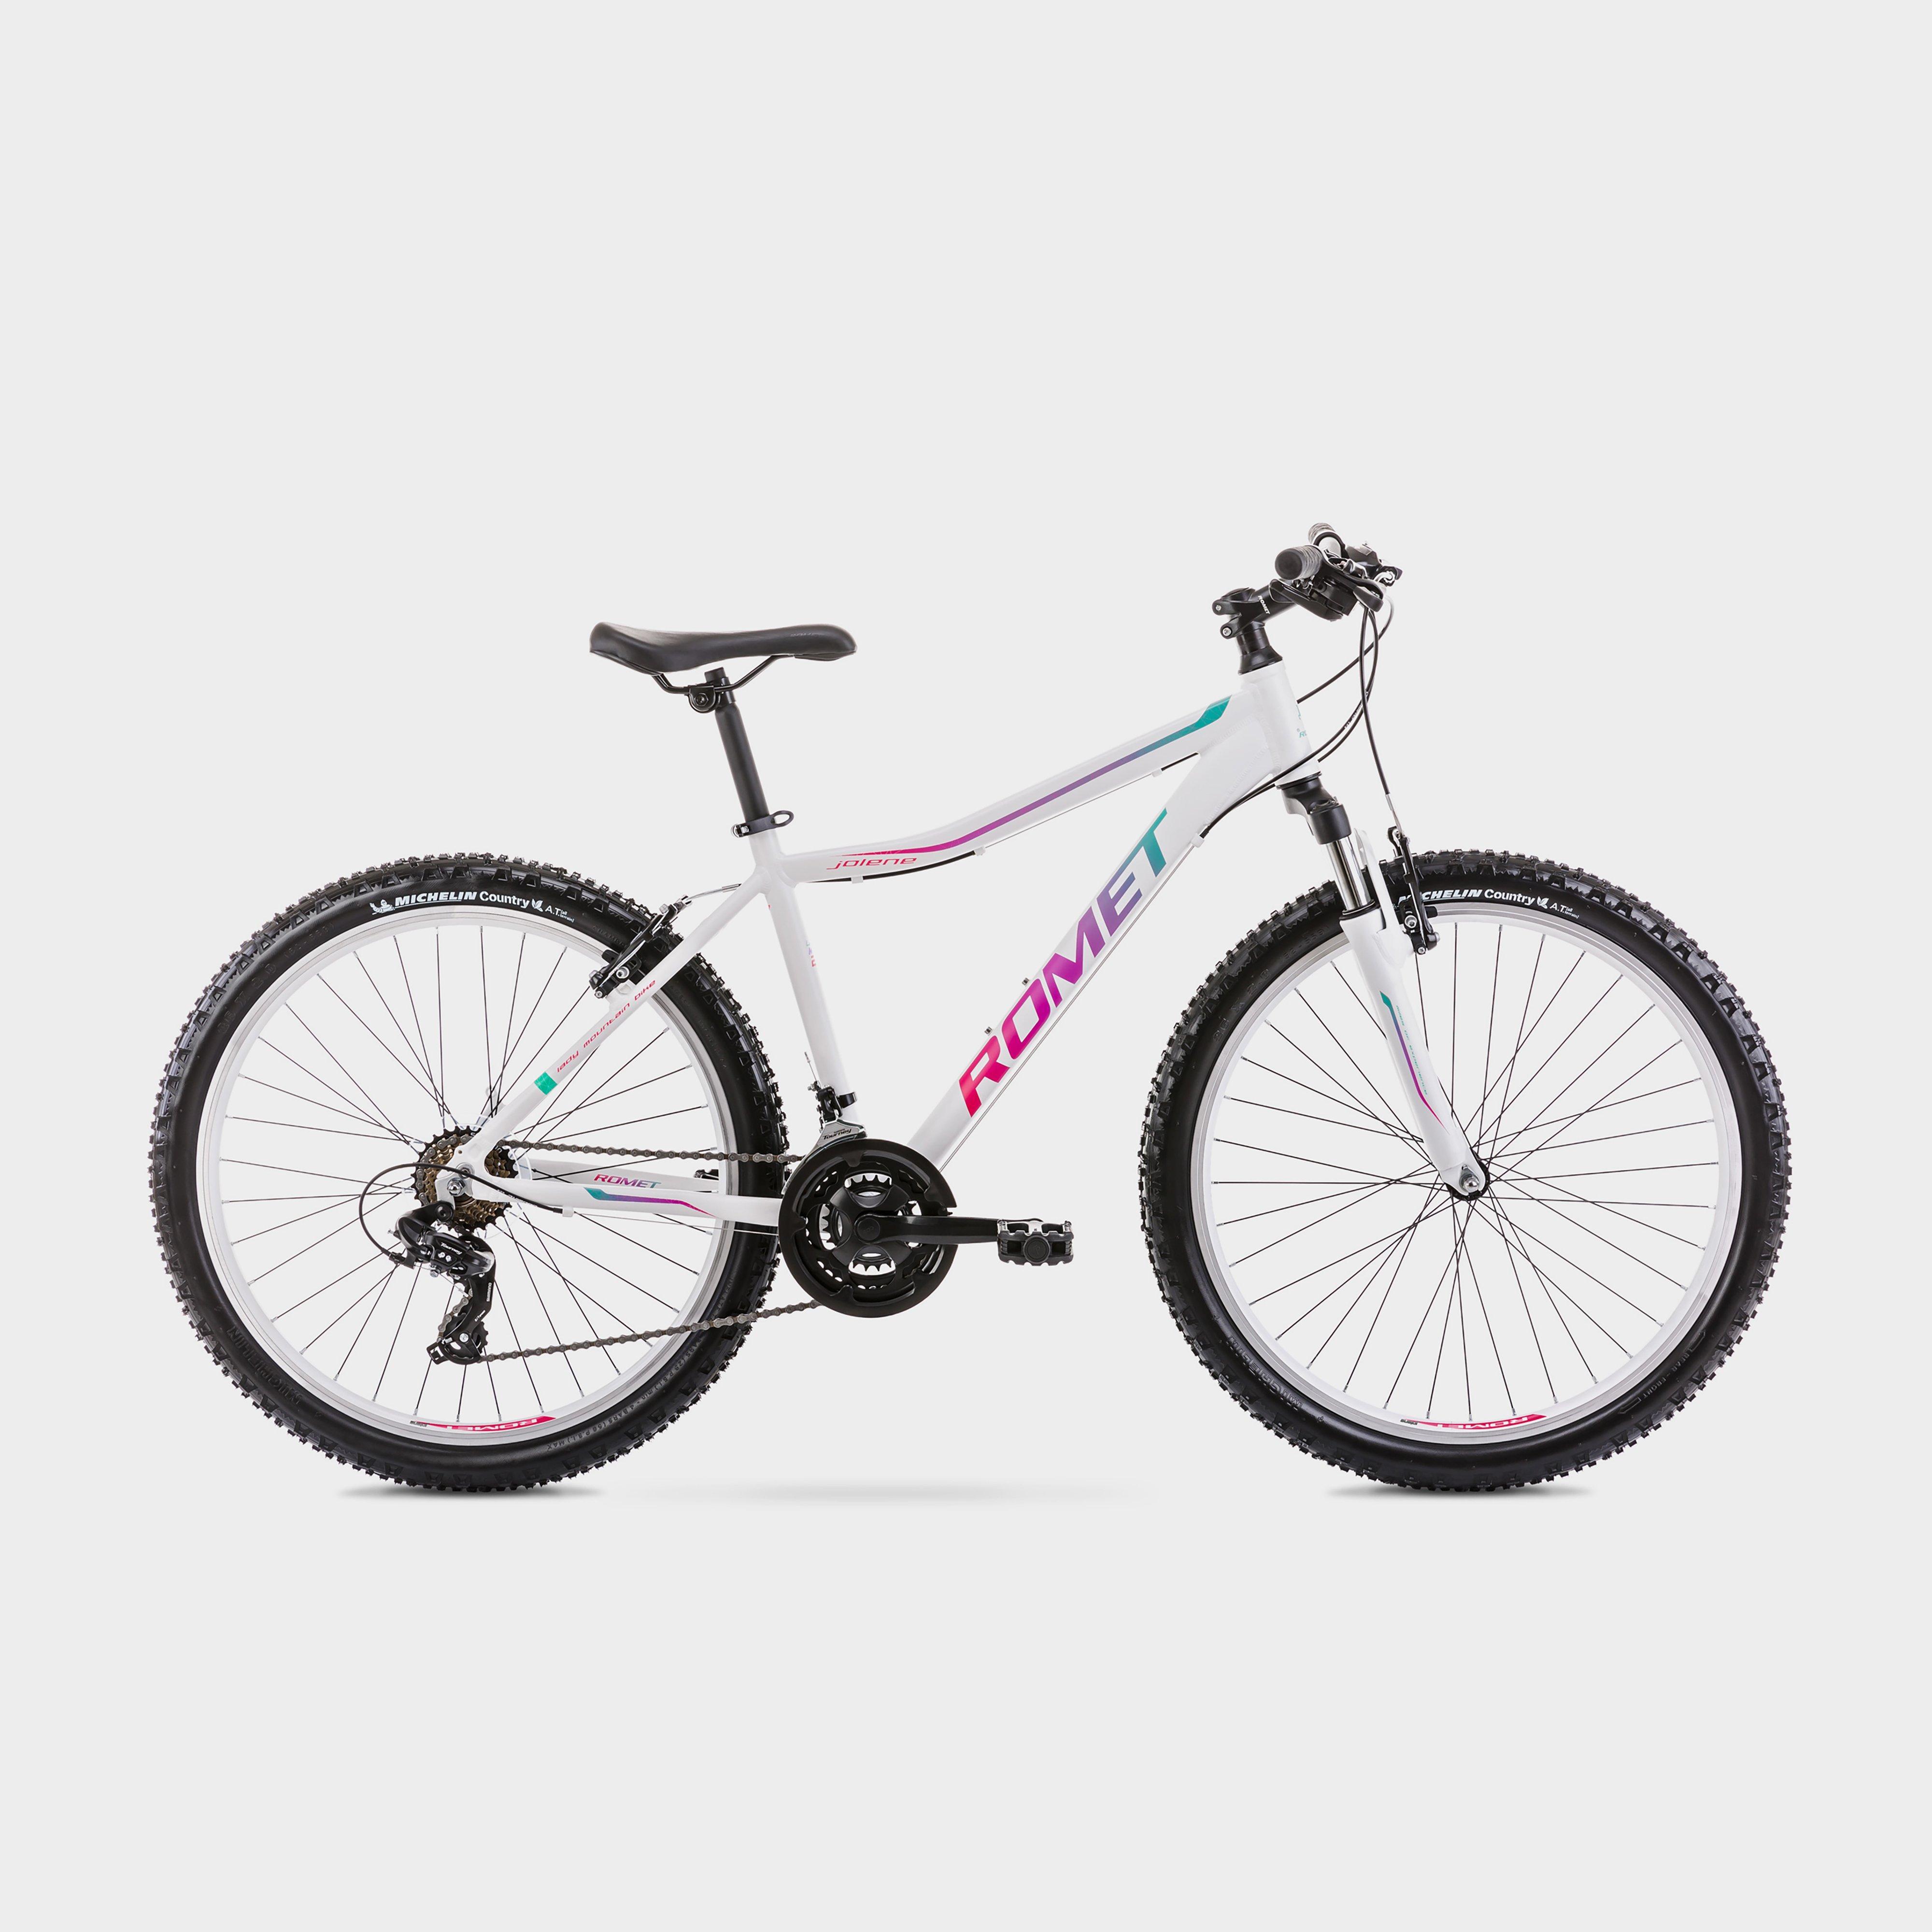 Romet Jolene 6.1 Mountain Bike - White/White, White